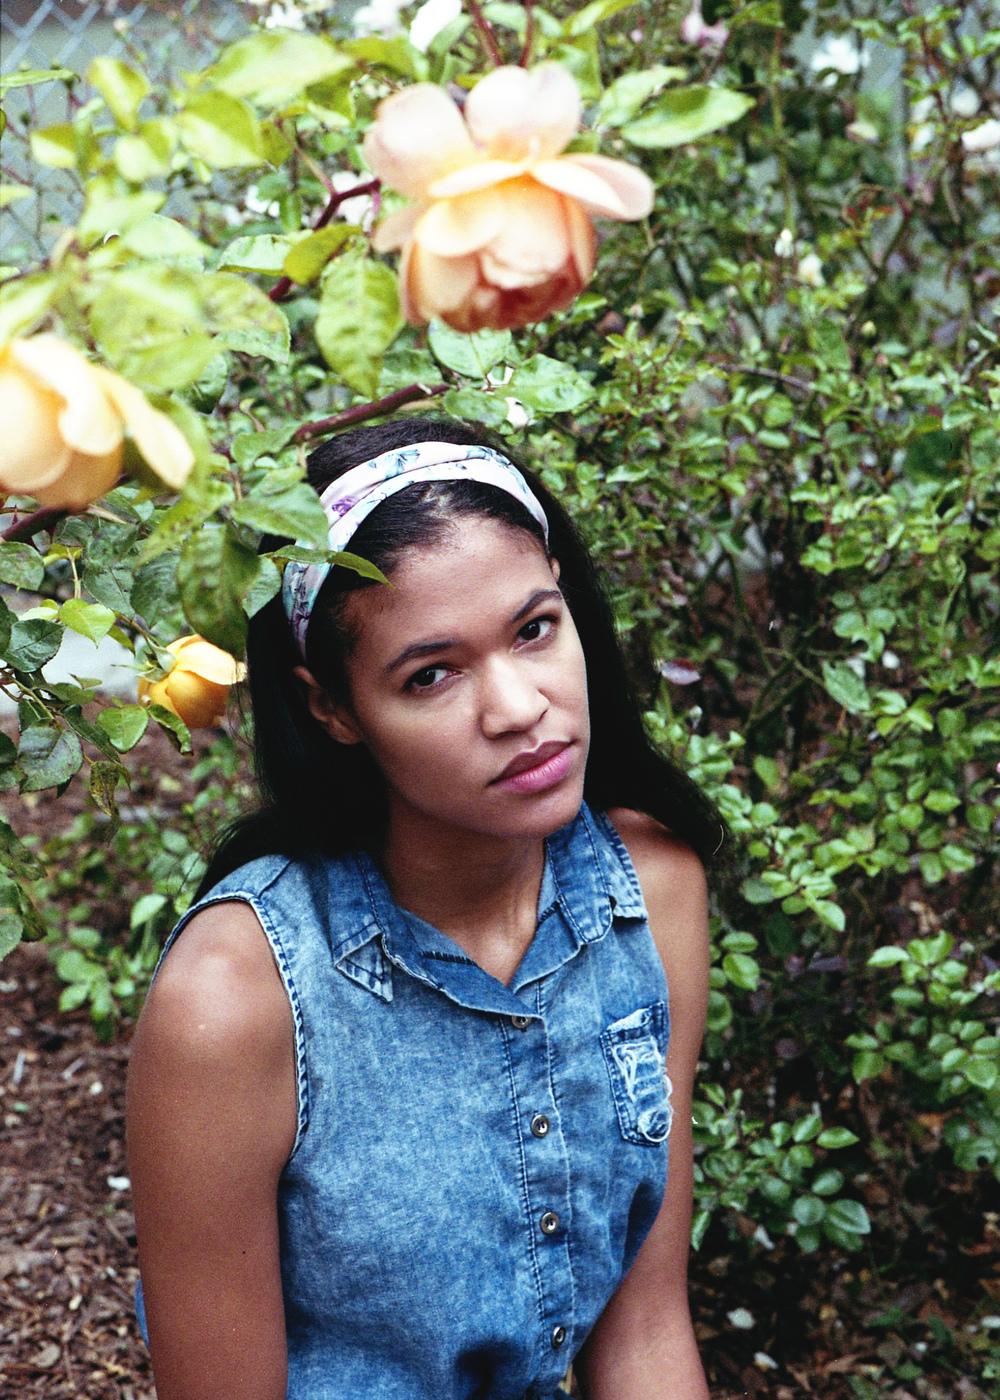 Meisha+1.jpg